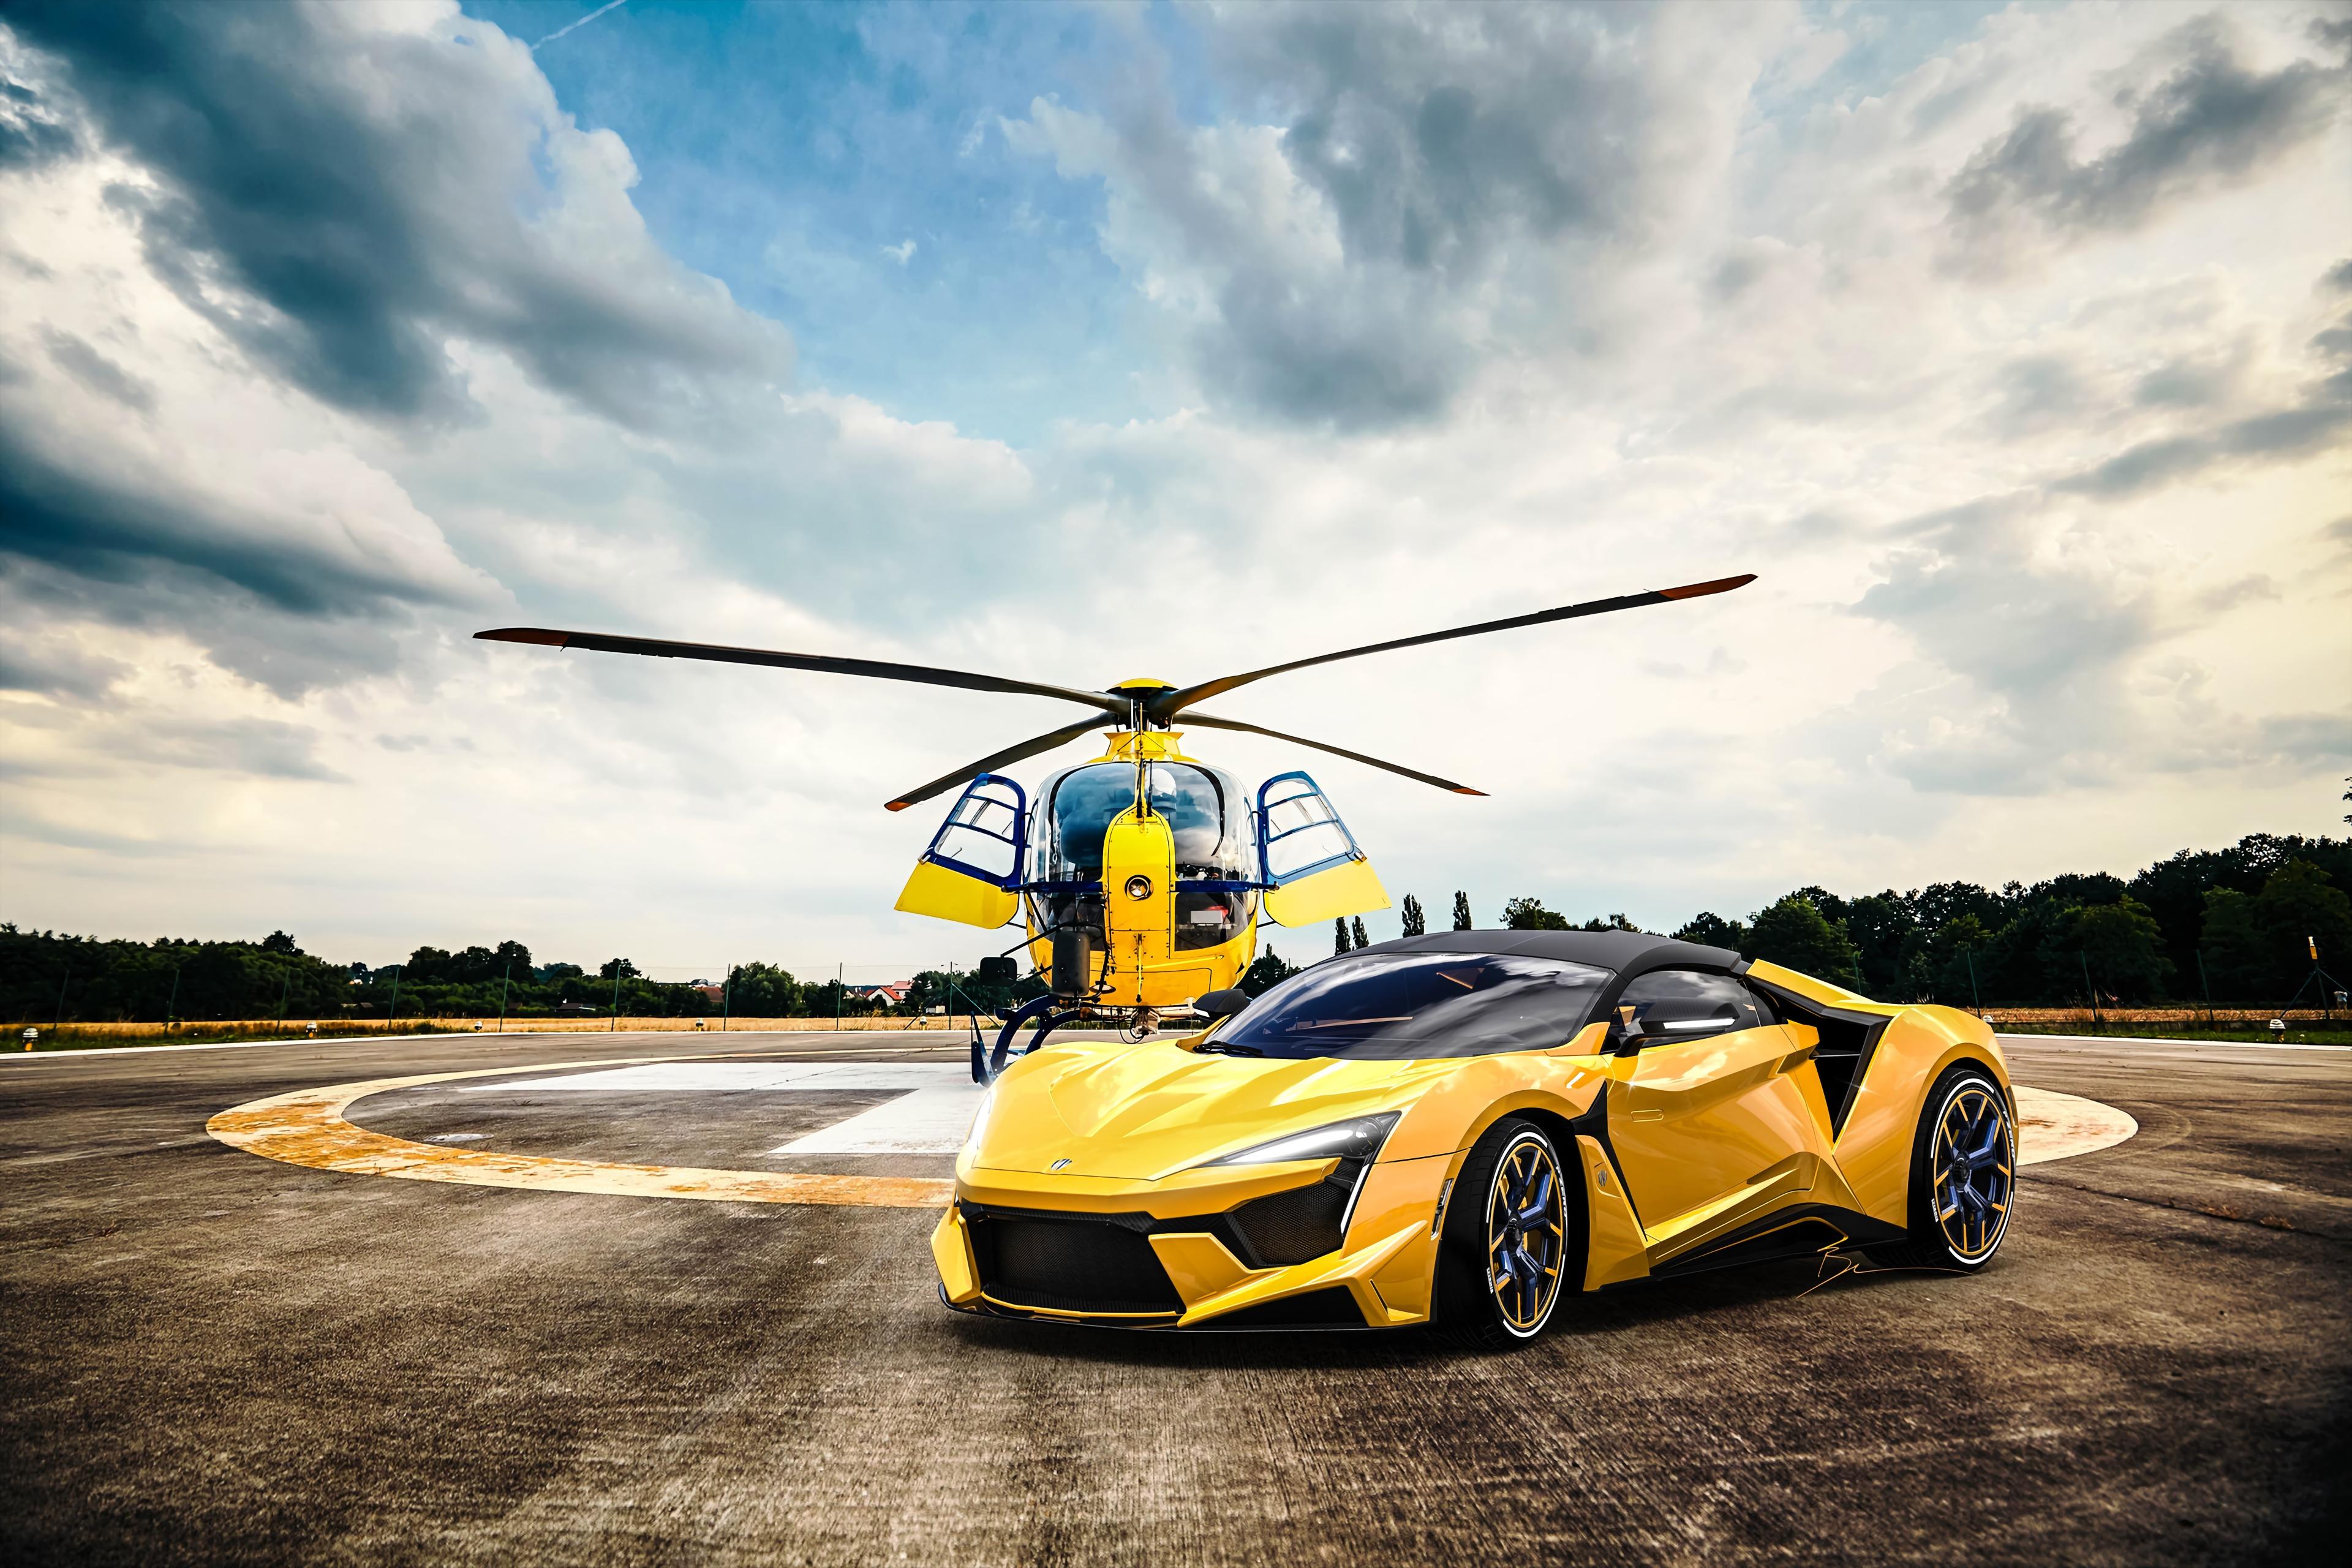 140103 Hintergrundbild herunterladen Sport, Auto, Hubschrauber, Cars, Maschine, Sportwagen - Bildschirmschoner und Bilder kostenlos